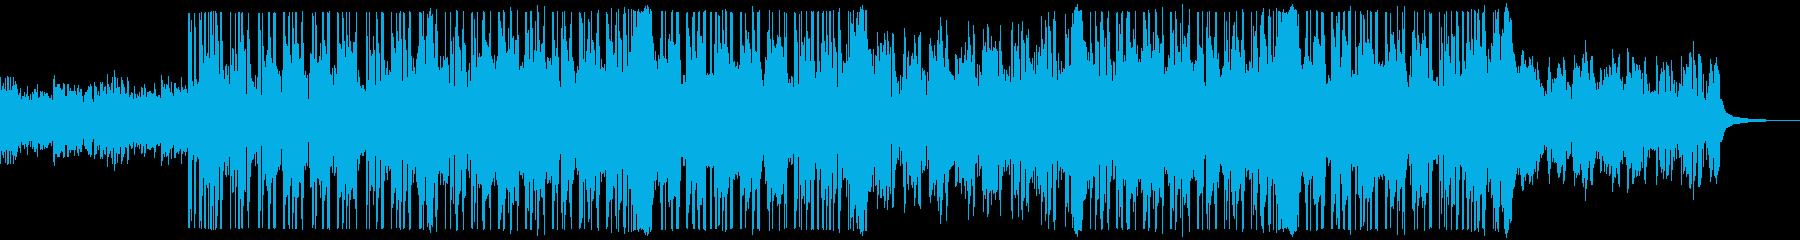 爽やか軽快なストリングスBGMの再生済みの波形